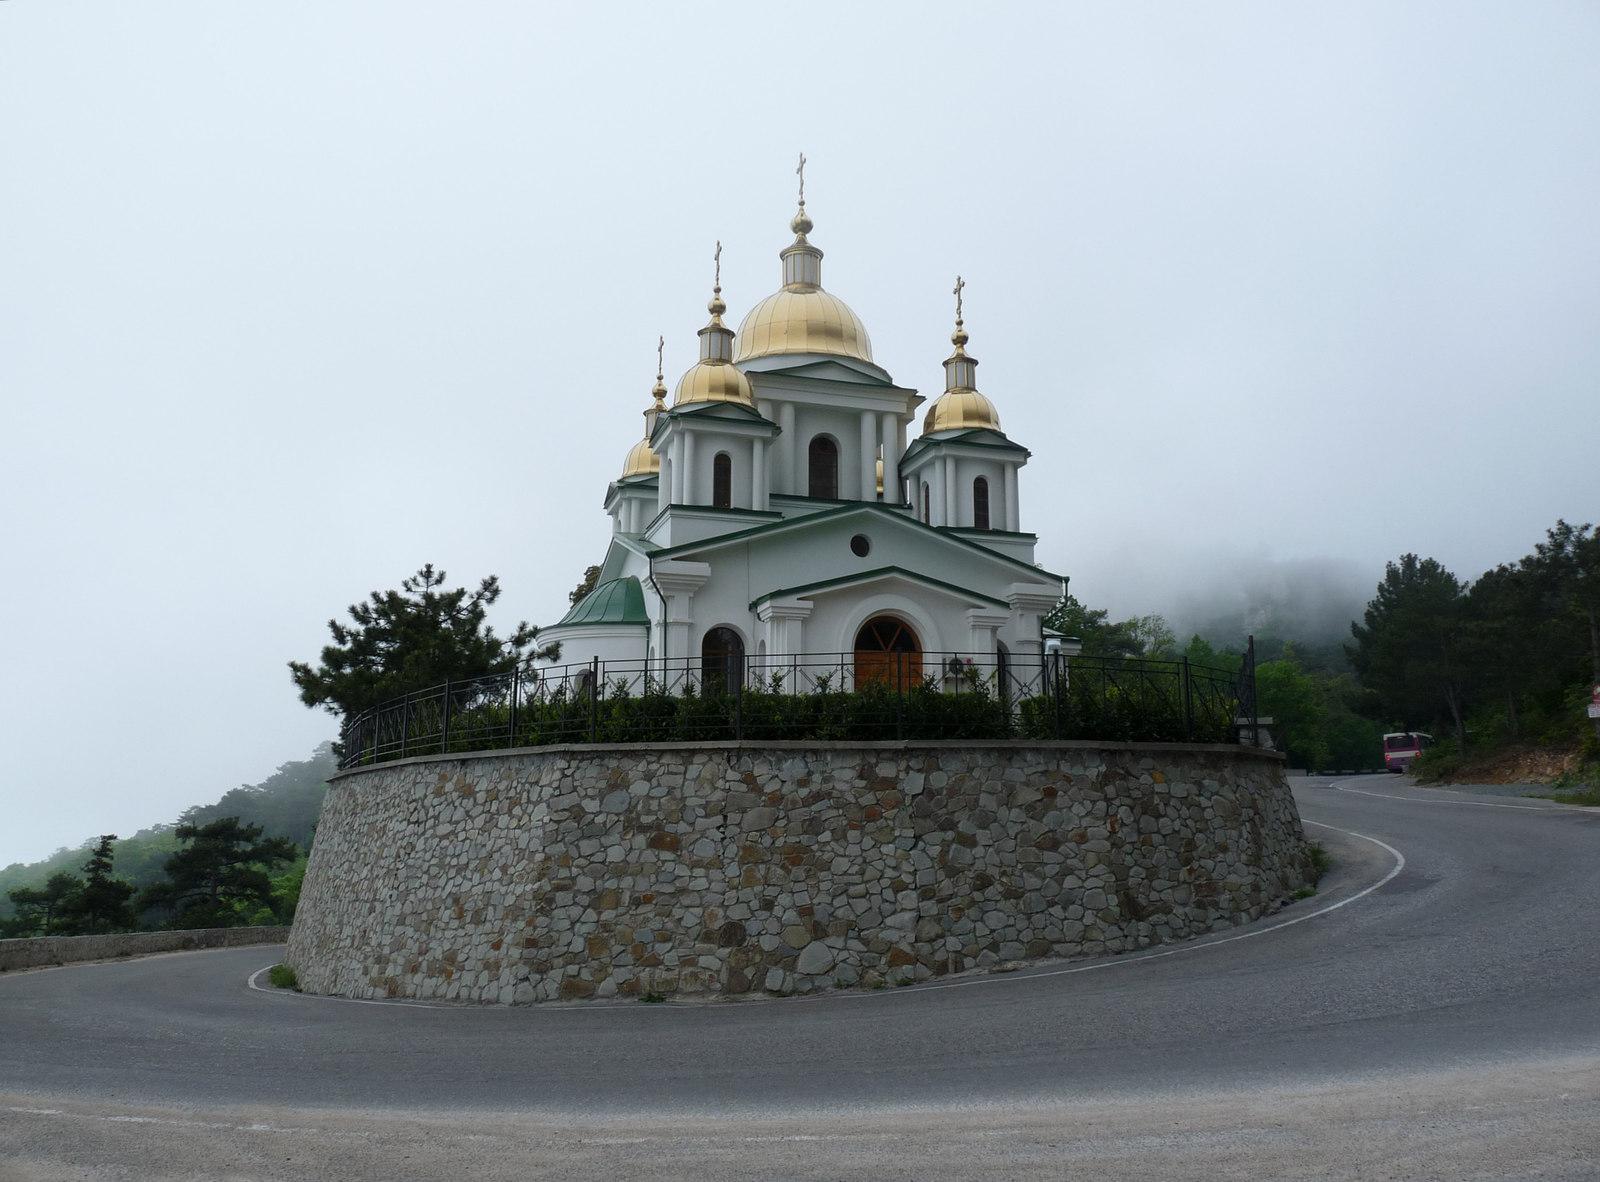 Фото: Храм Святого Архистратига Михаила